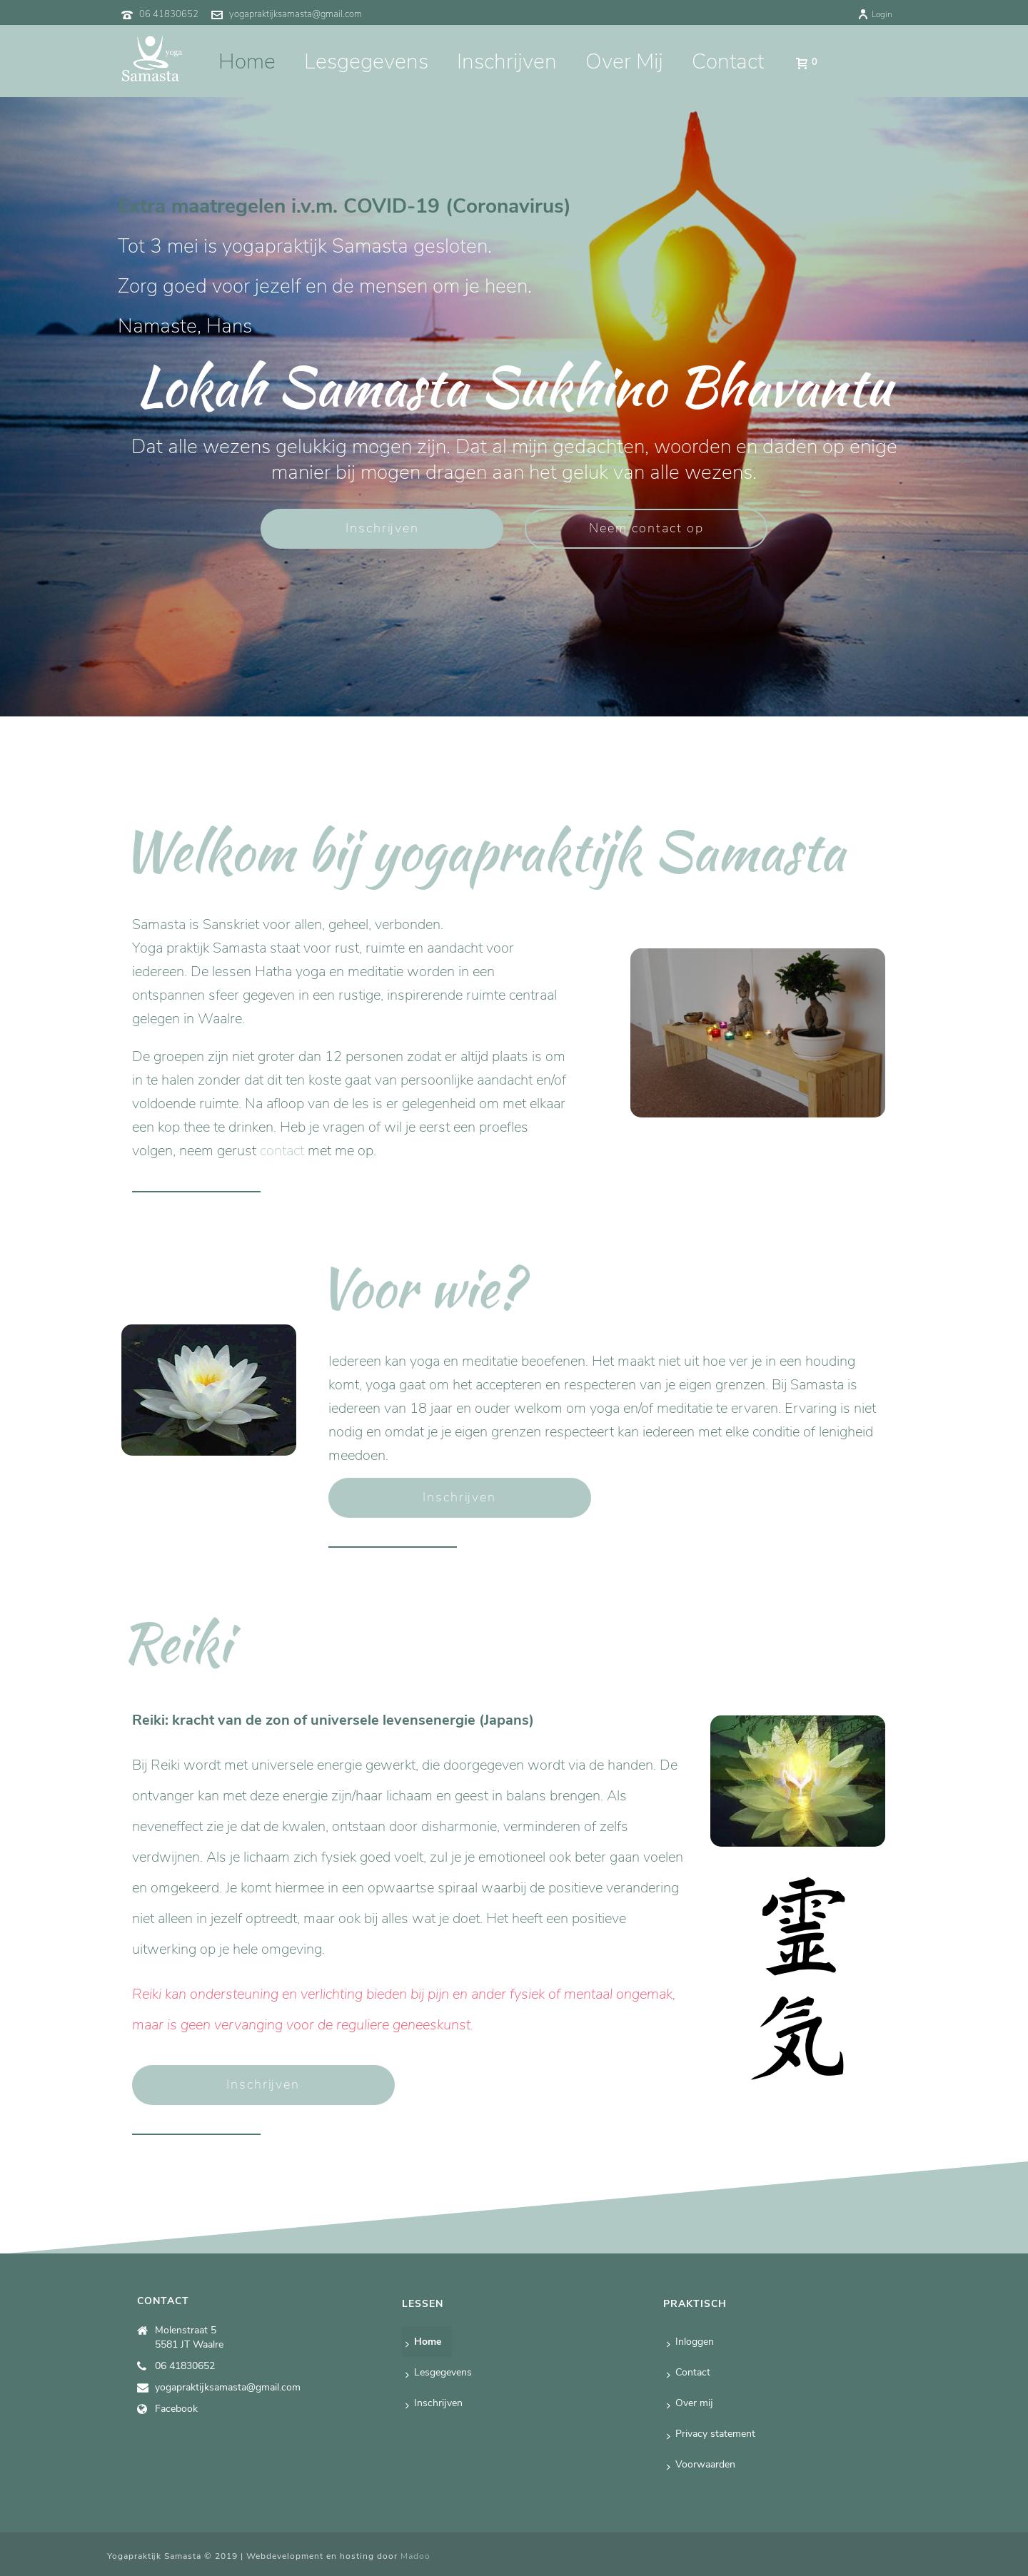 website voor yoga praktijk in wordpress